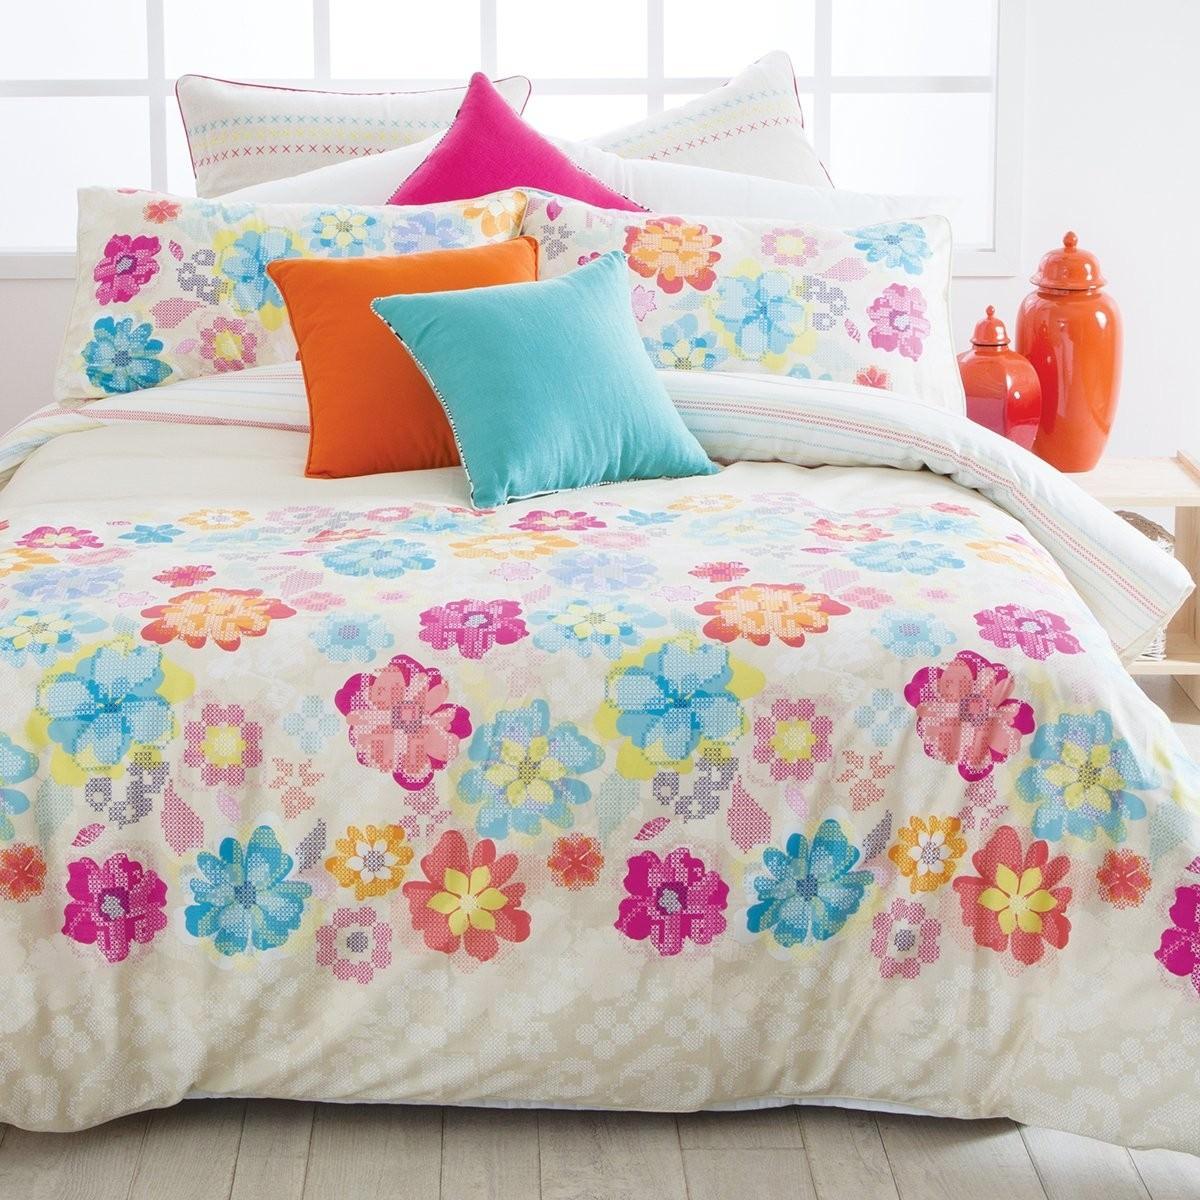 Esprit Cross Stitch Floral Queen Size Reversible Cotton Quilt Cover Set